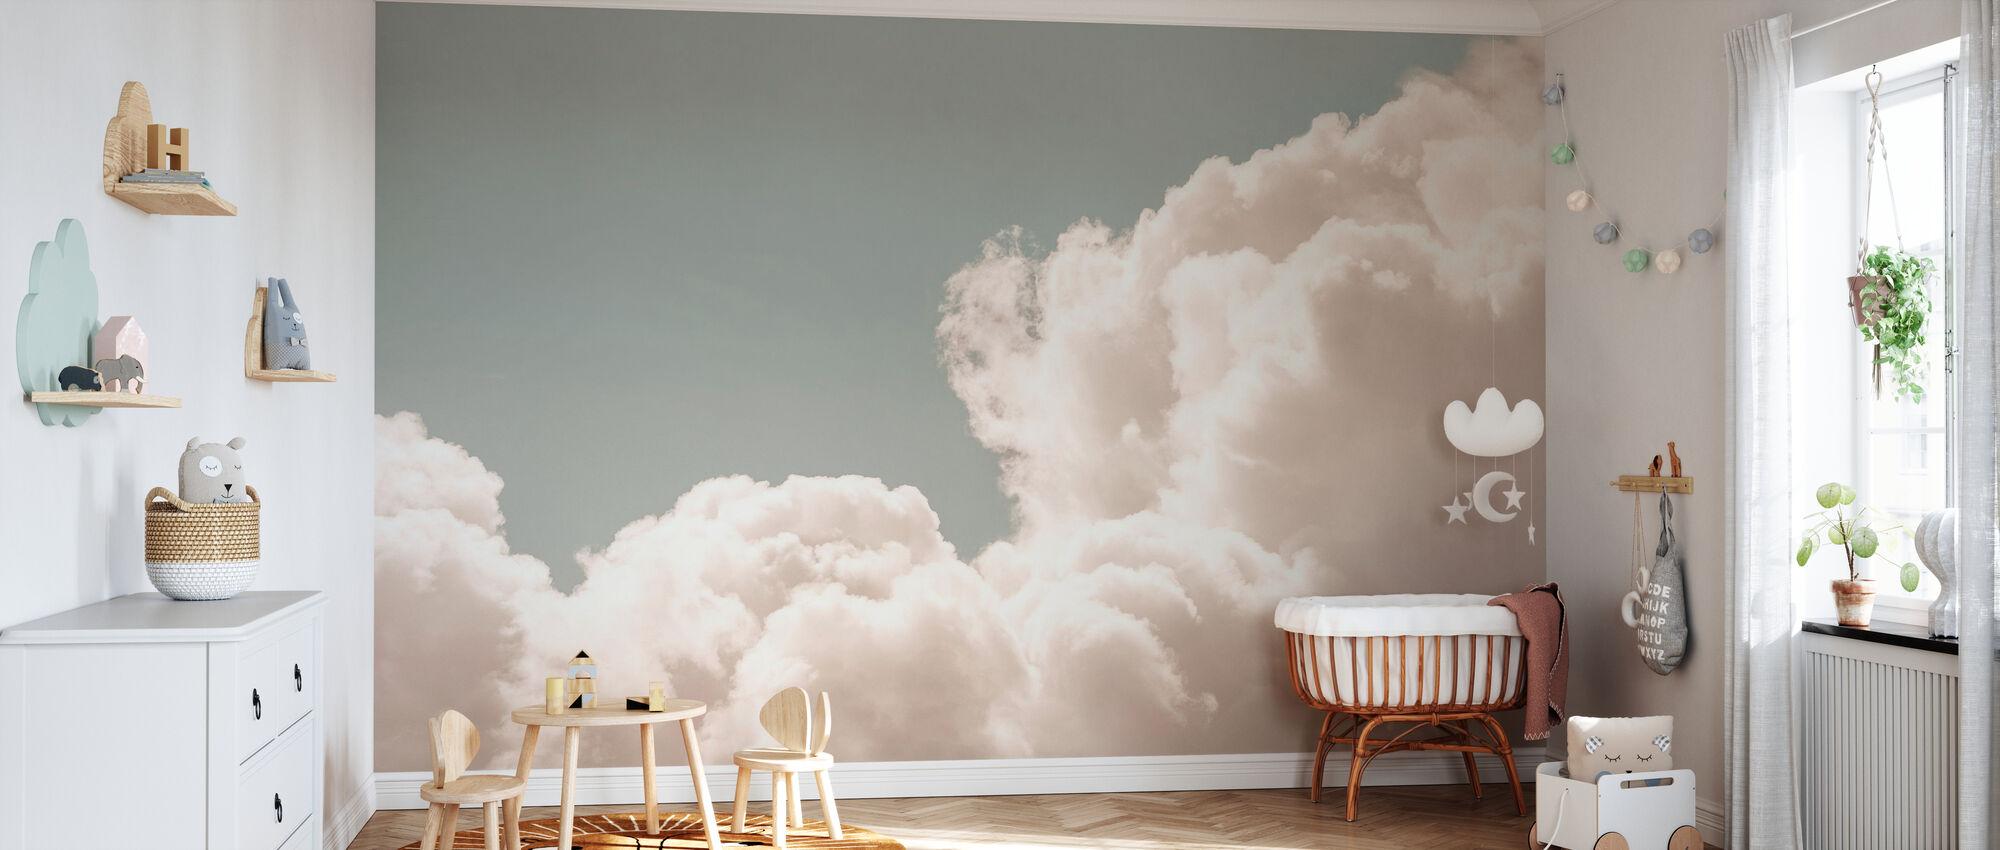 Blush moln dagdröm - Tapet - Babyrum